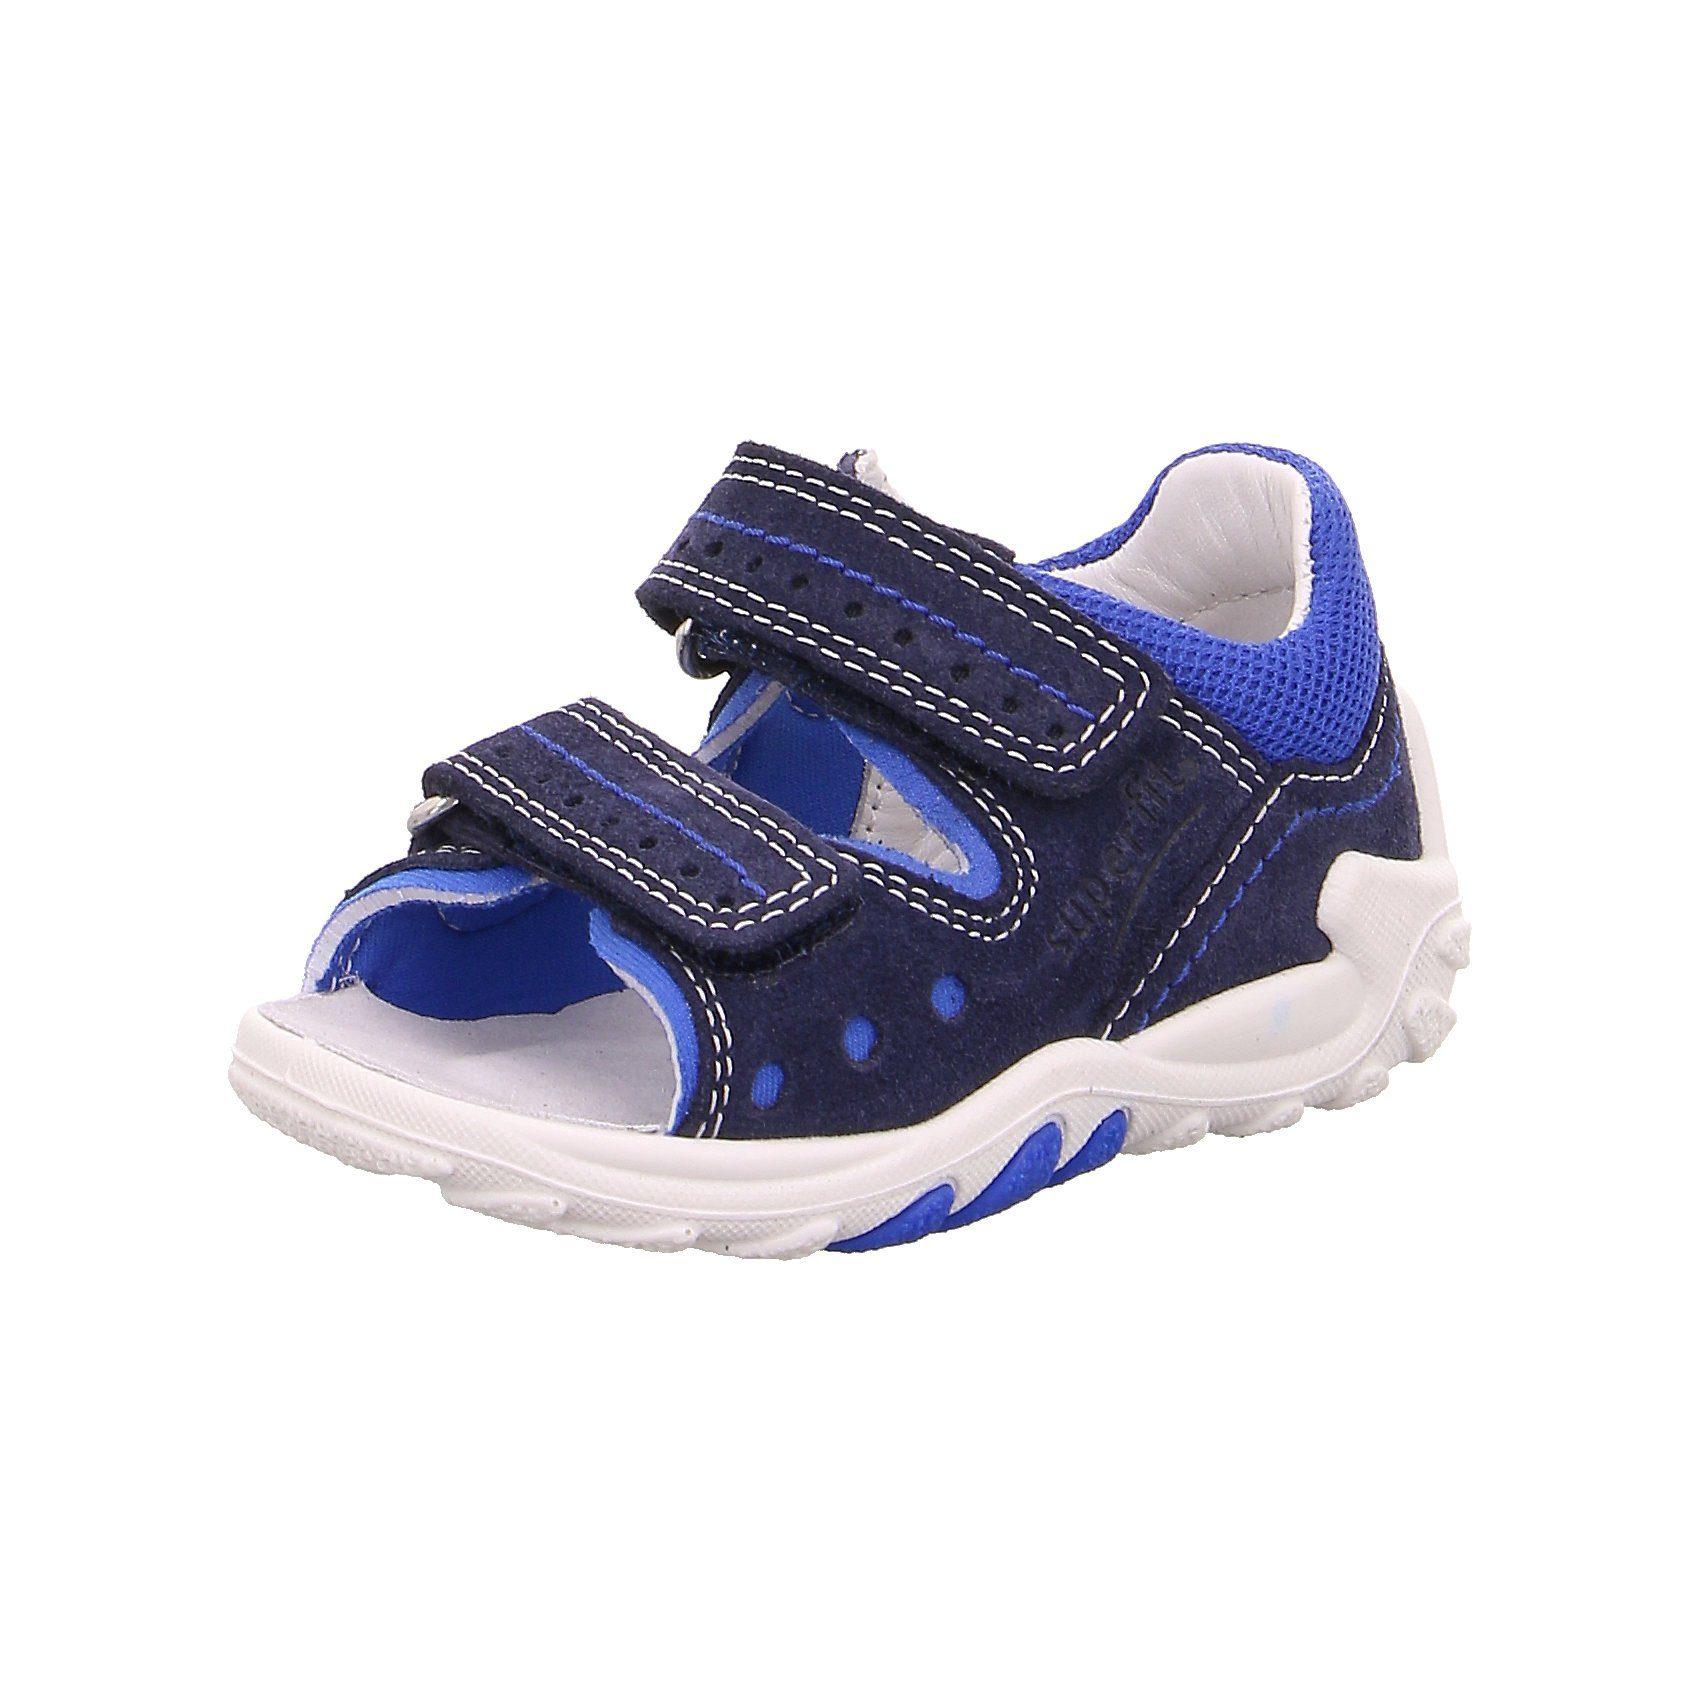 Superfit Baby Sandalen FLOW für Jungen, WMS Weite M4, Obermaterial (Schuhe): Leder, Textil online kaufen | OTTO